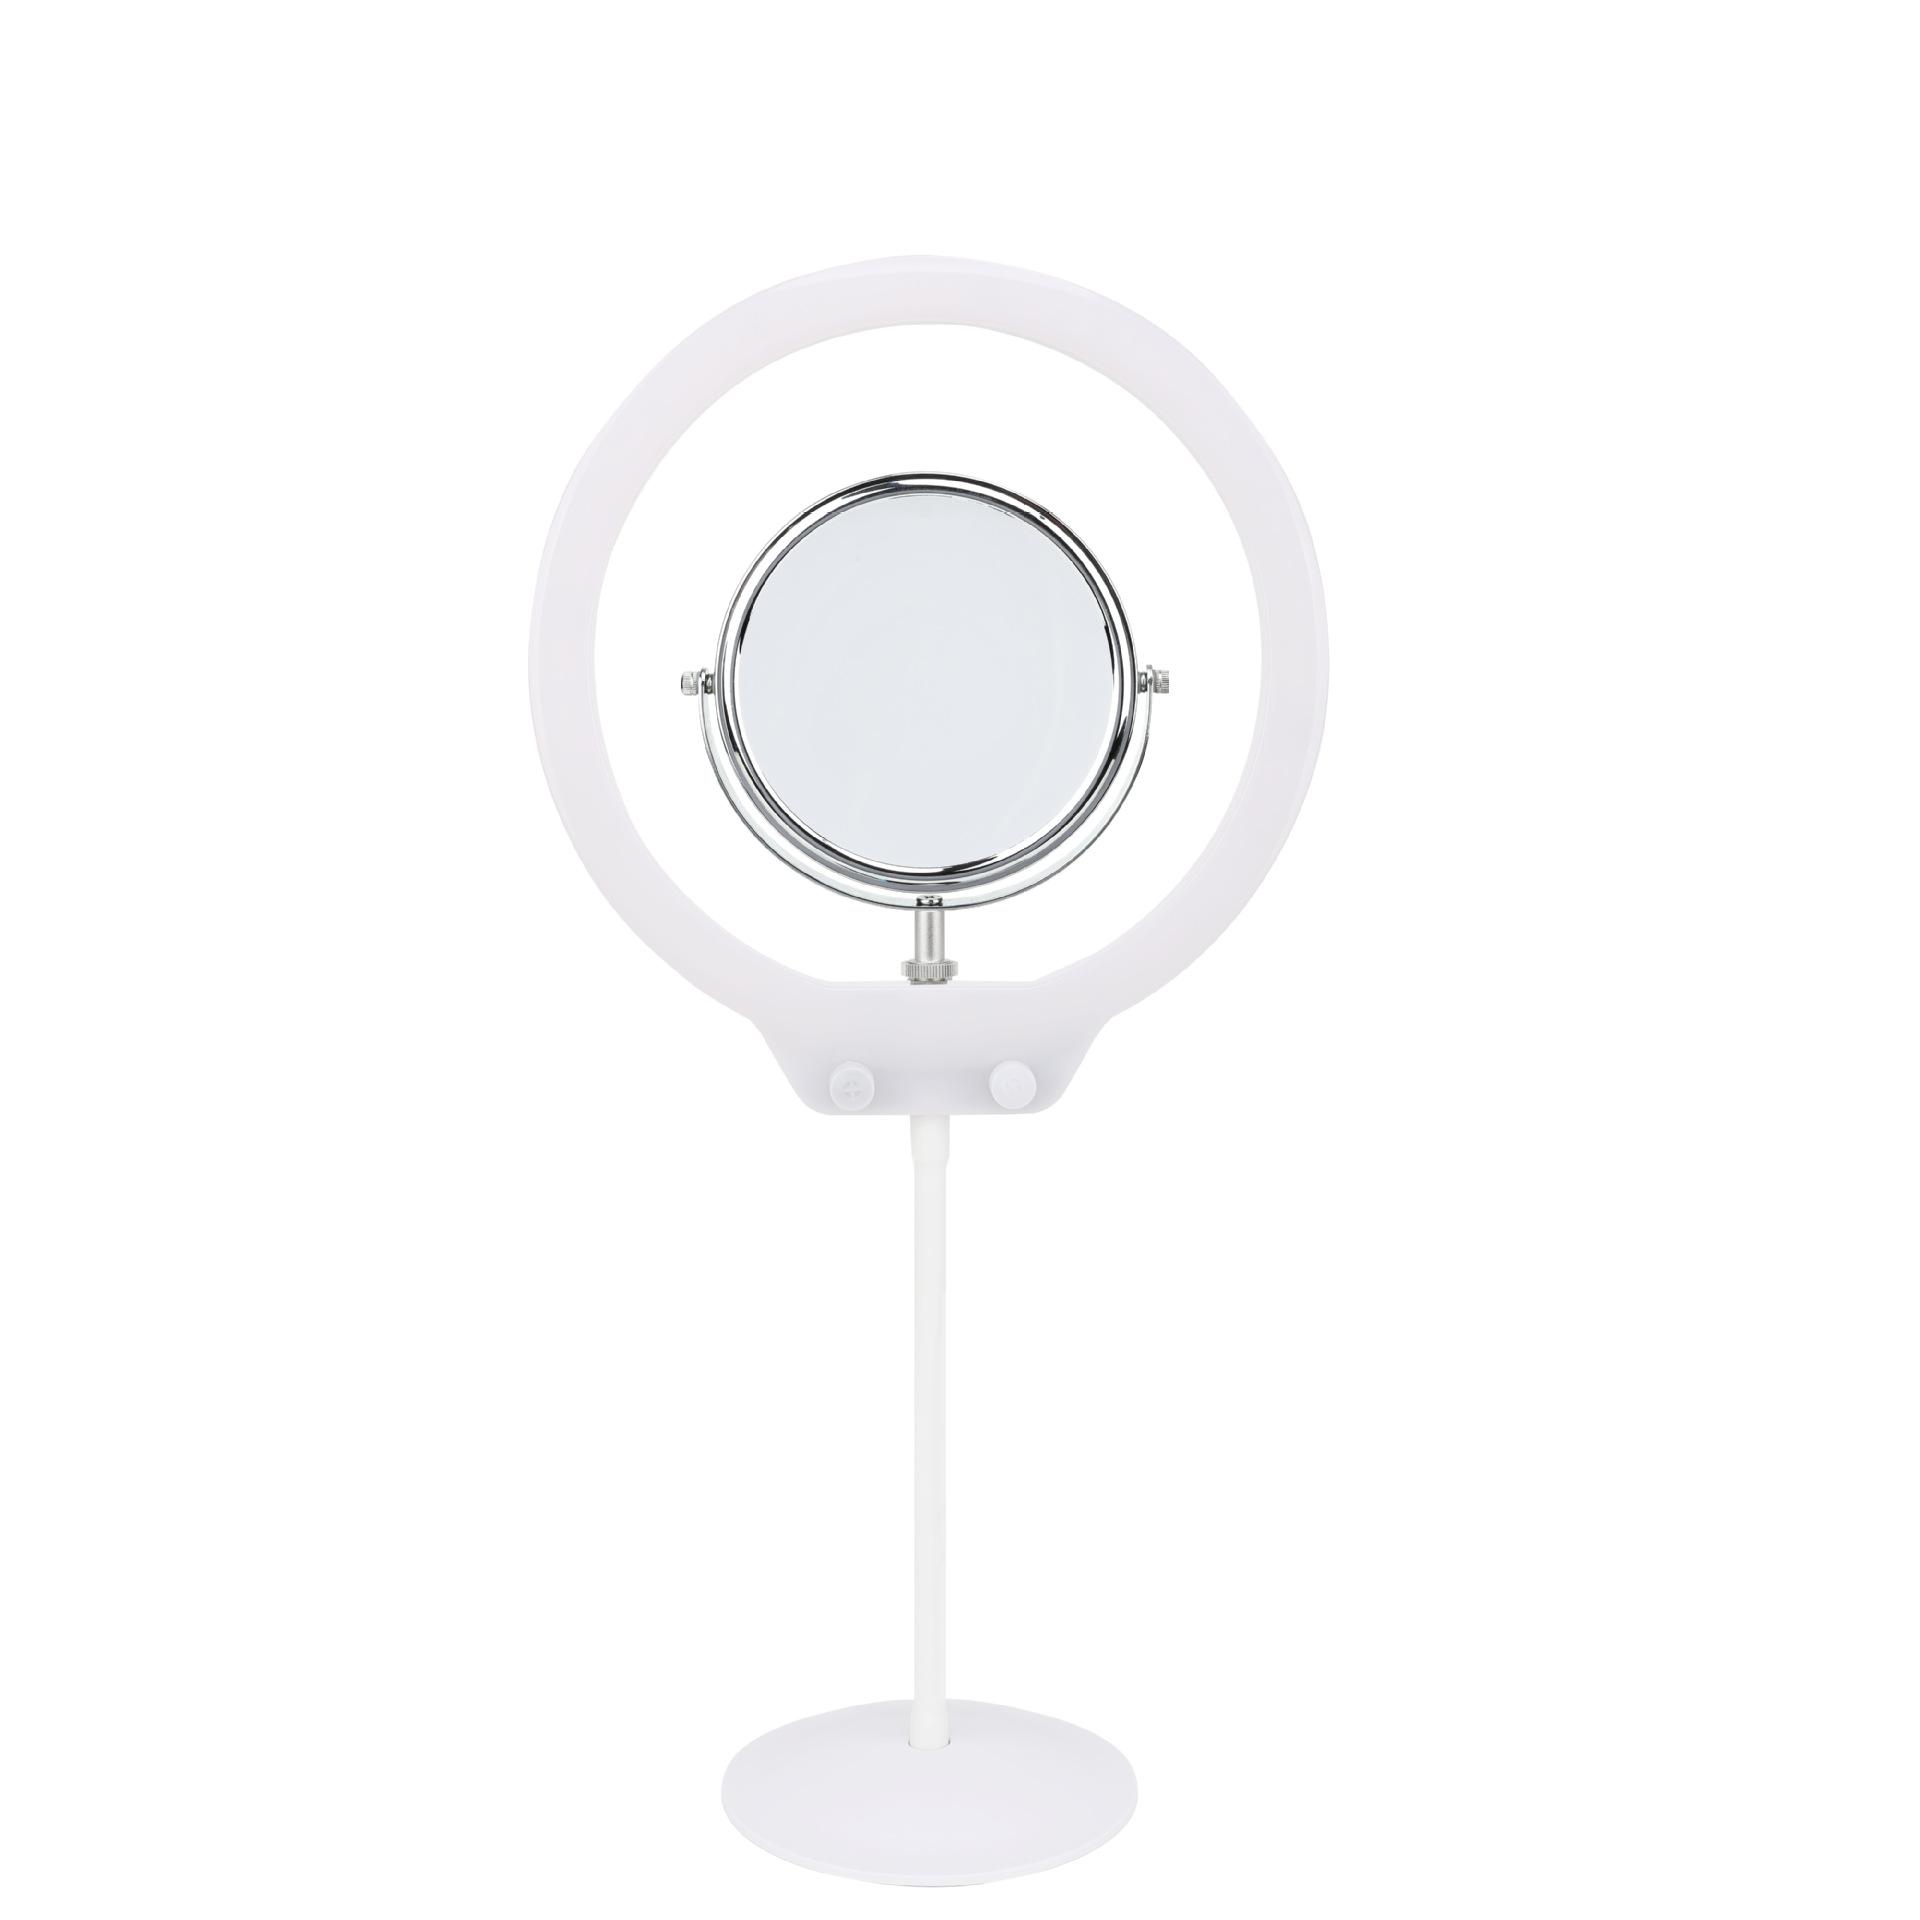 Zomei 美妝雙色溫環燈含鏡子(白)